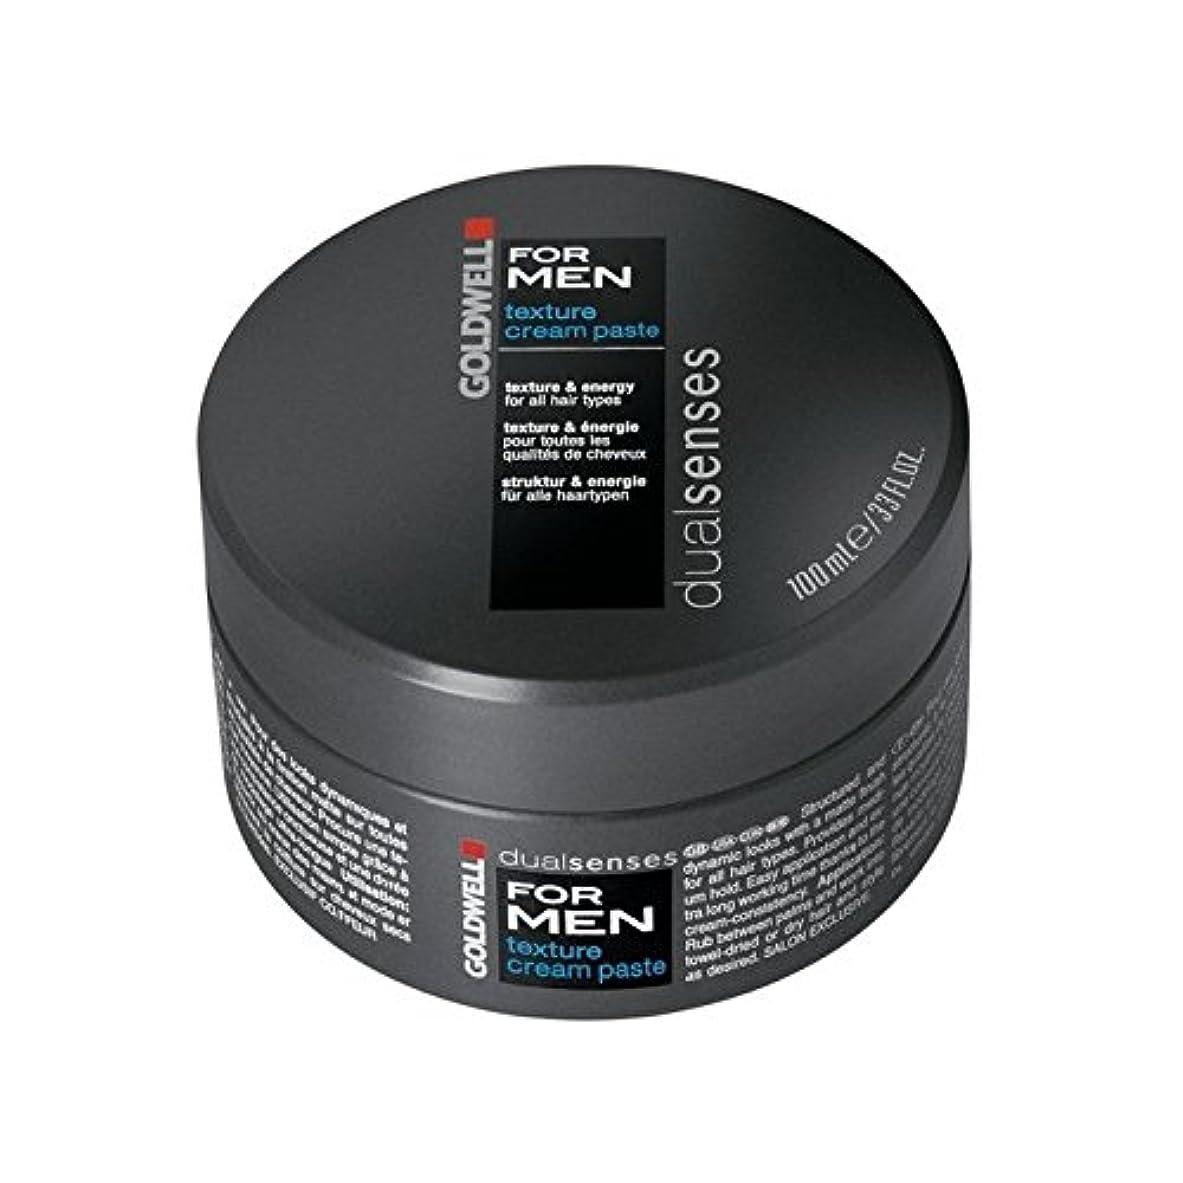 秀でる大使トレイ男性のテクスチャーのクリームペースト(100ミリリットル)のためのの x4 - Goldwell Dualsenses For Men Texture Cream Paste (100ml) (Pack of 4) [並行輸入品]